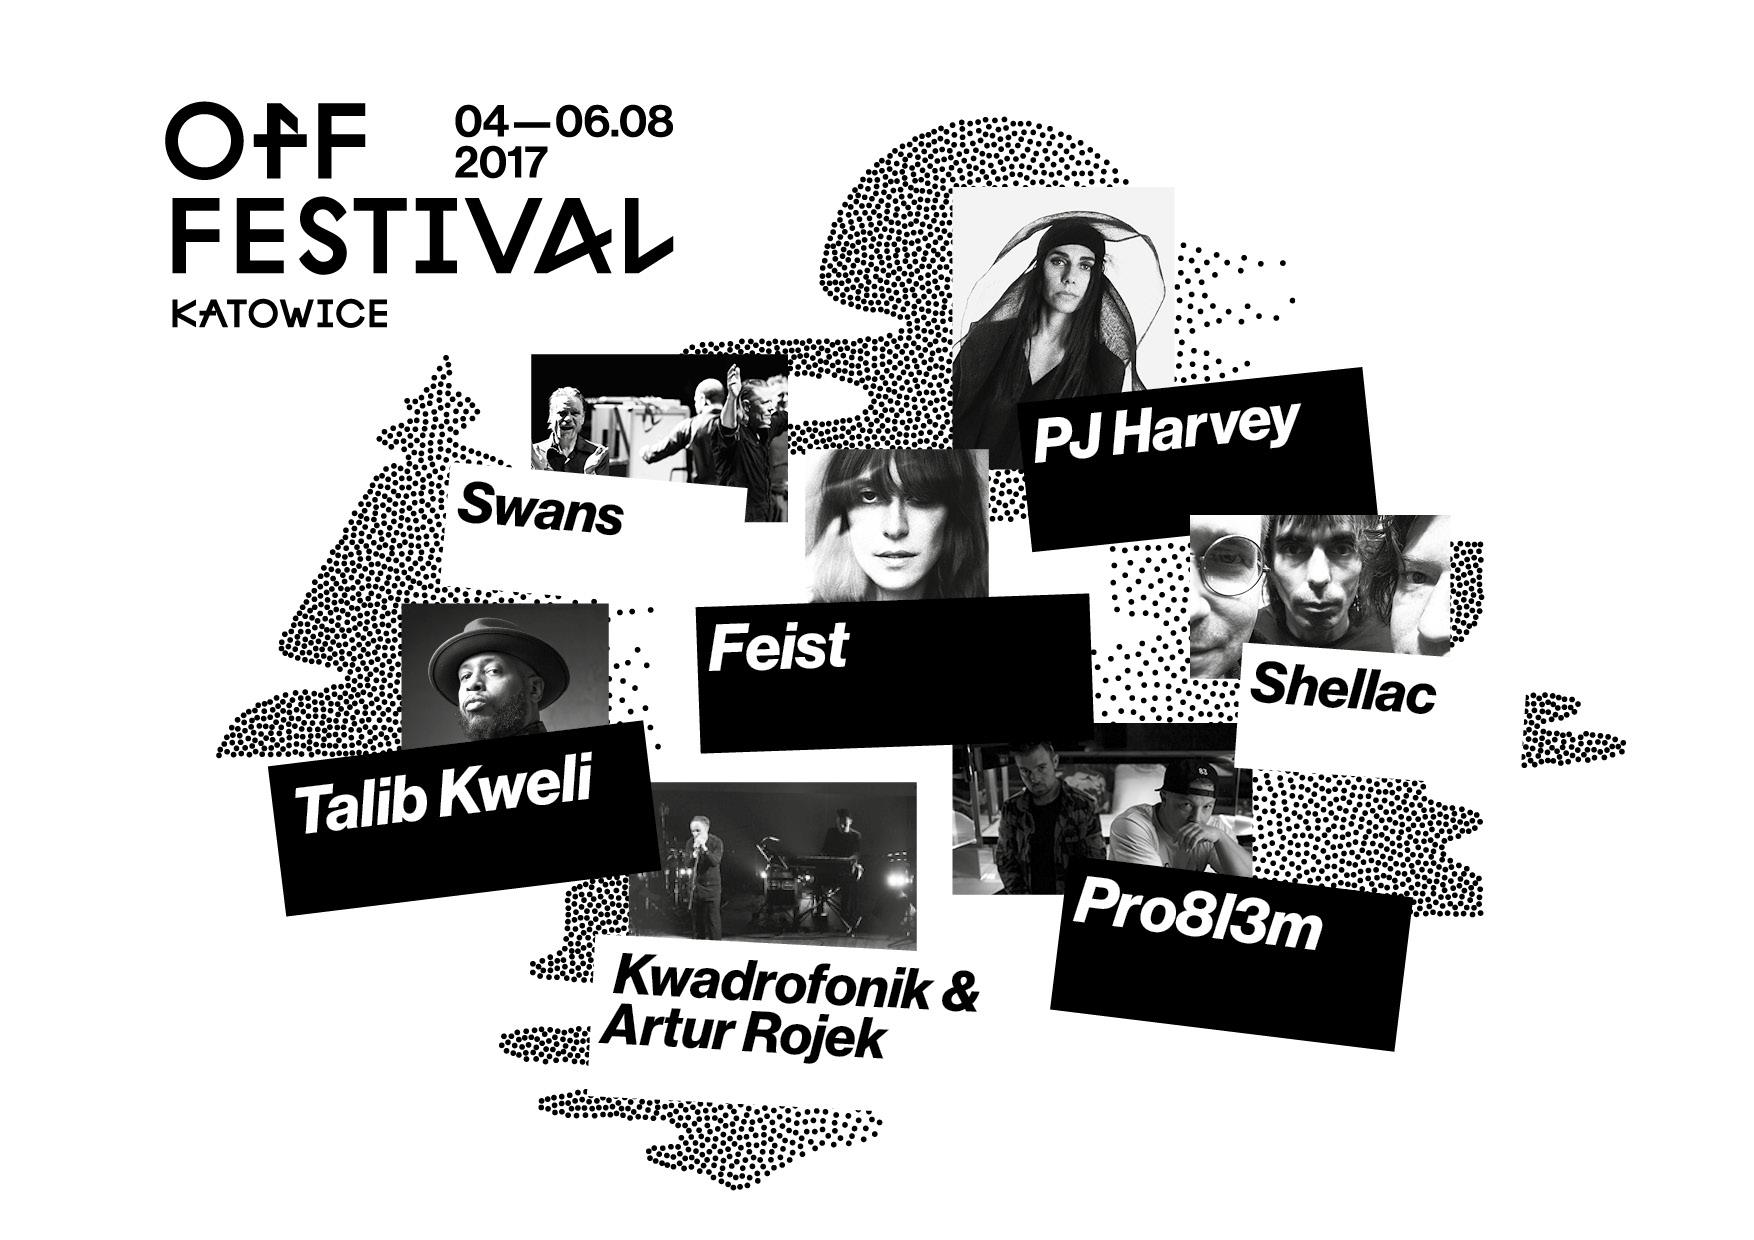 Off Festival w Katowicach 2017 (źródło: materiały prasowe organizatora)